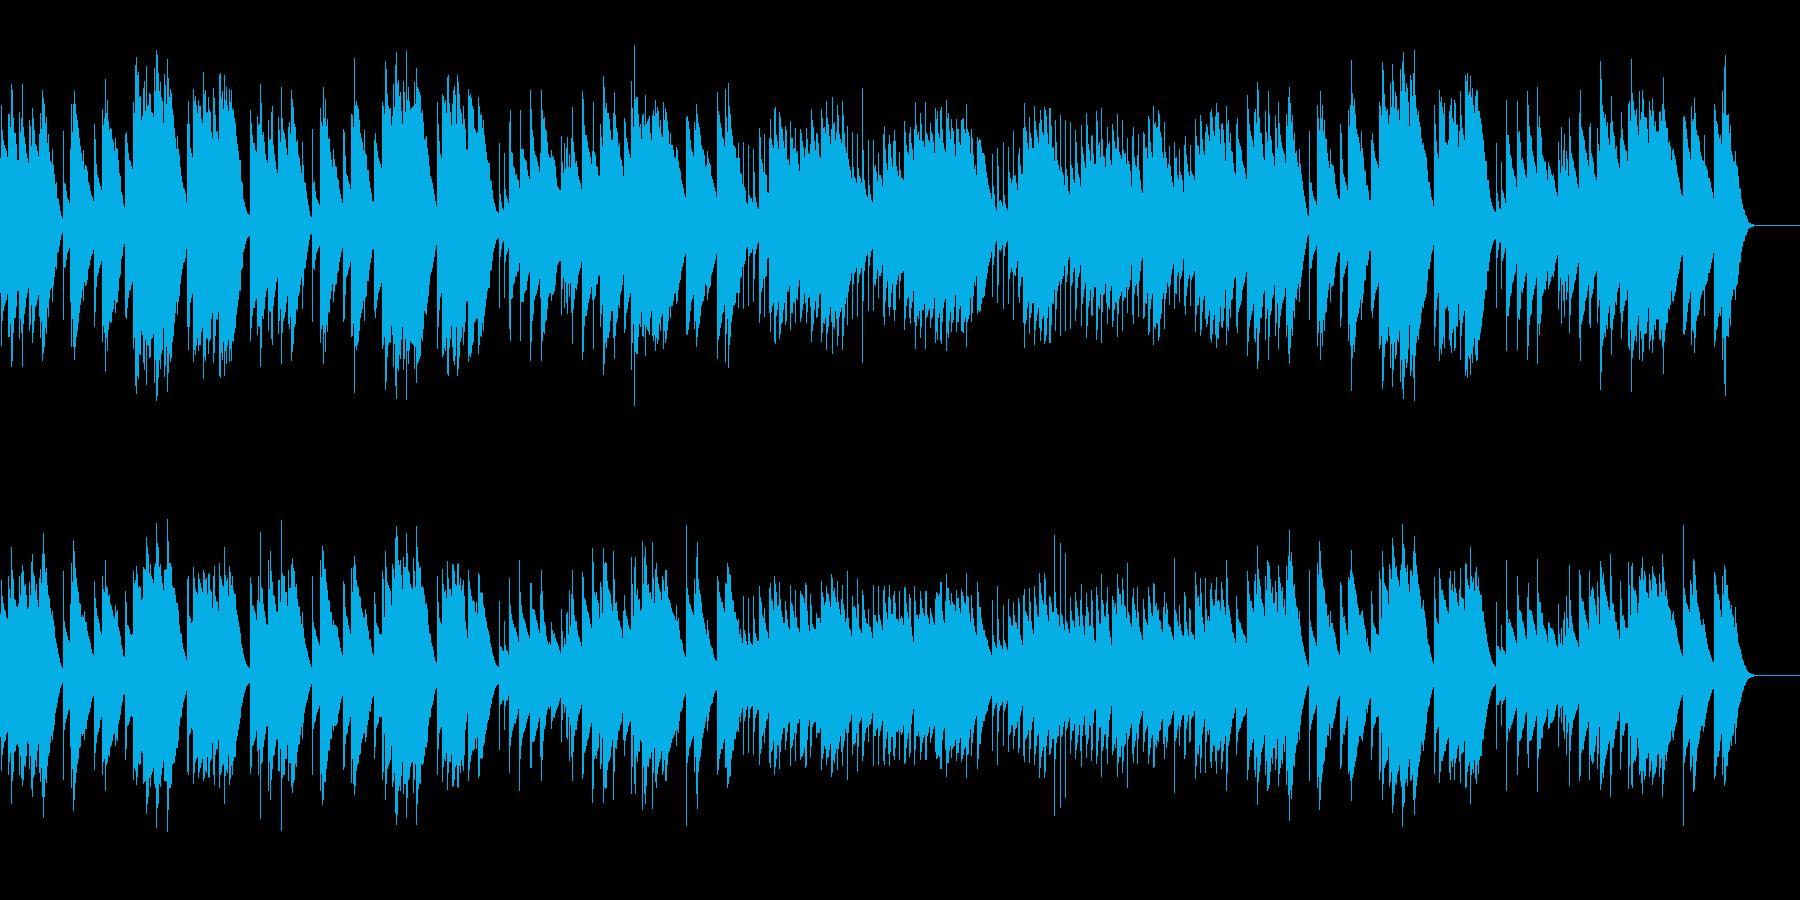 ト調のメヌエット (オルゴール)の再生済みの波形